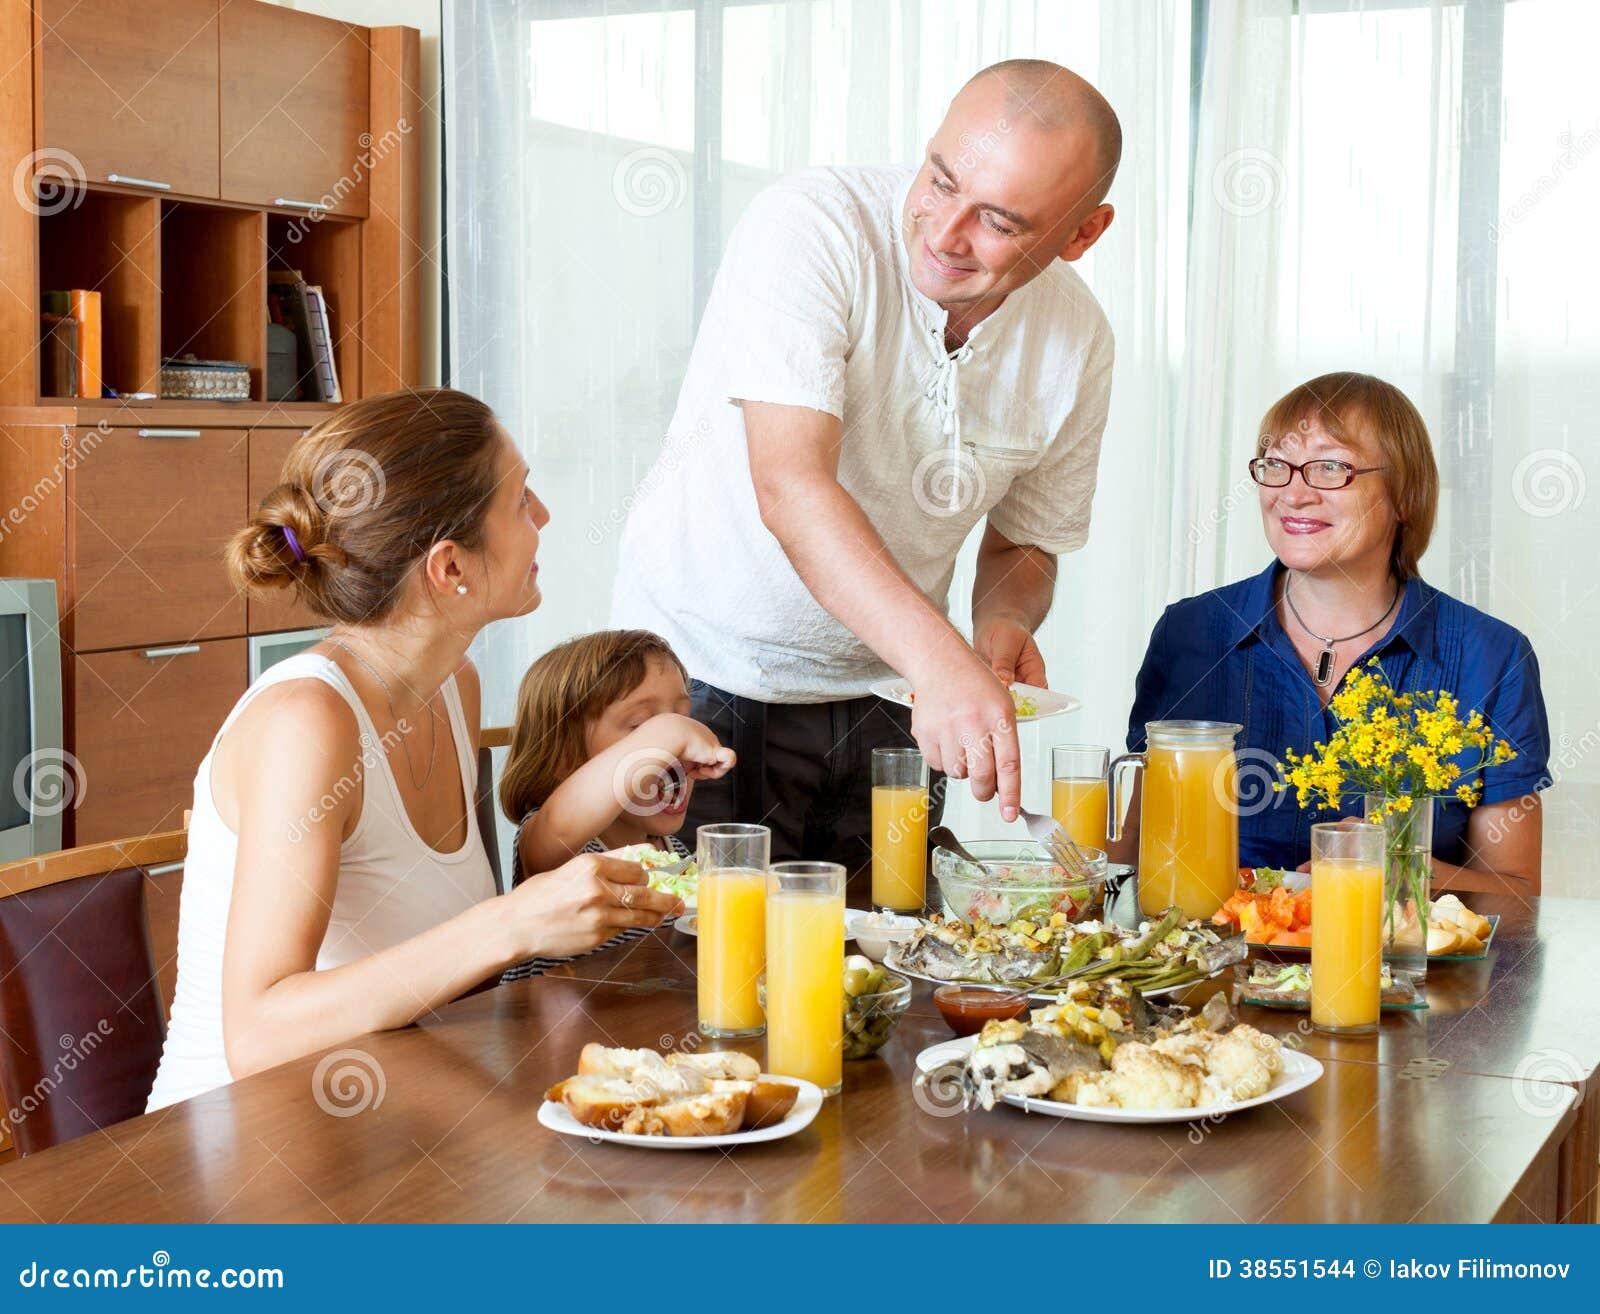 Familia junto sobre la mesa de comedor imagenes de archivo - El comedor de familia ...